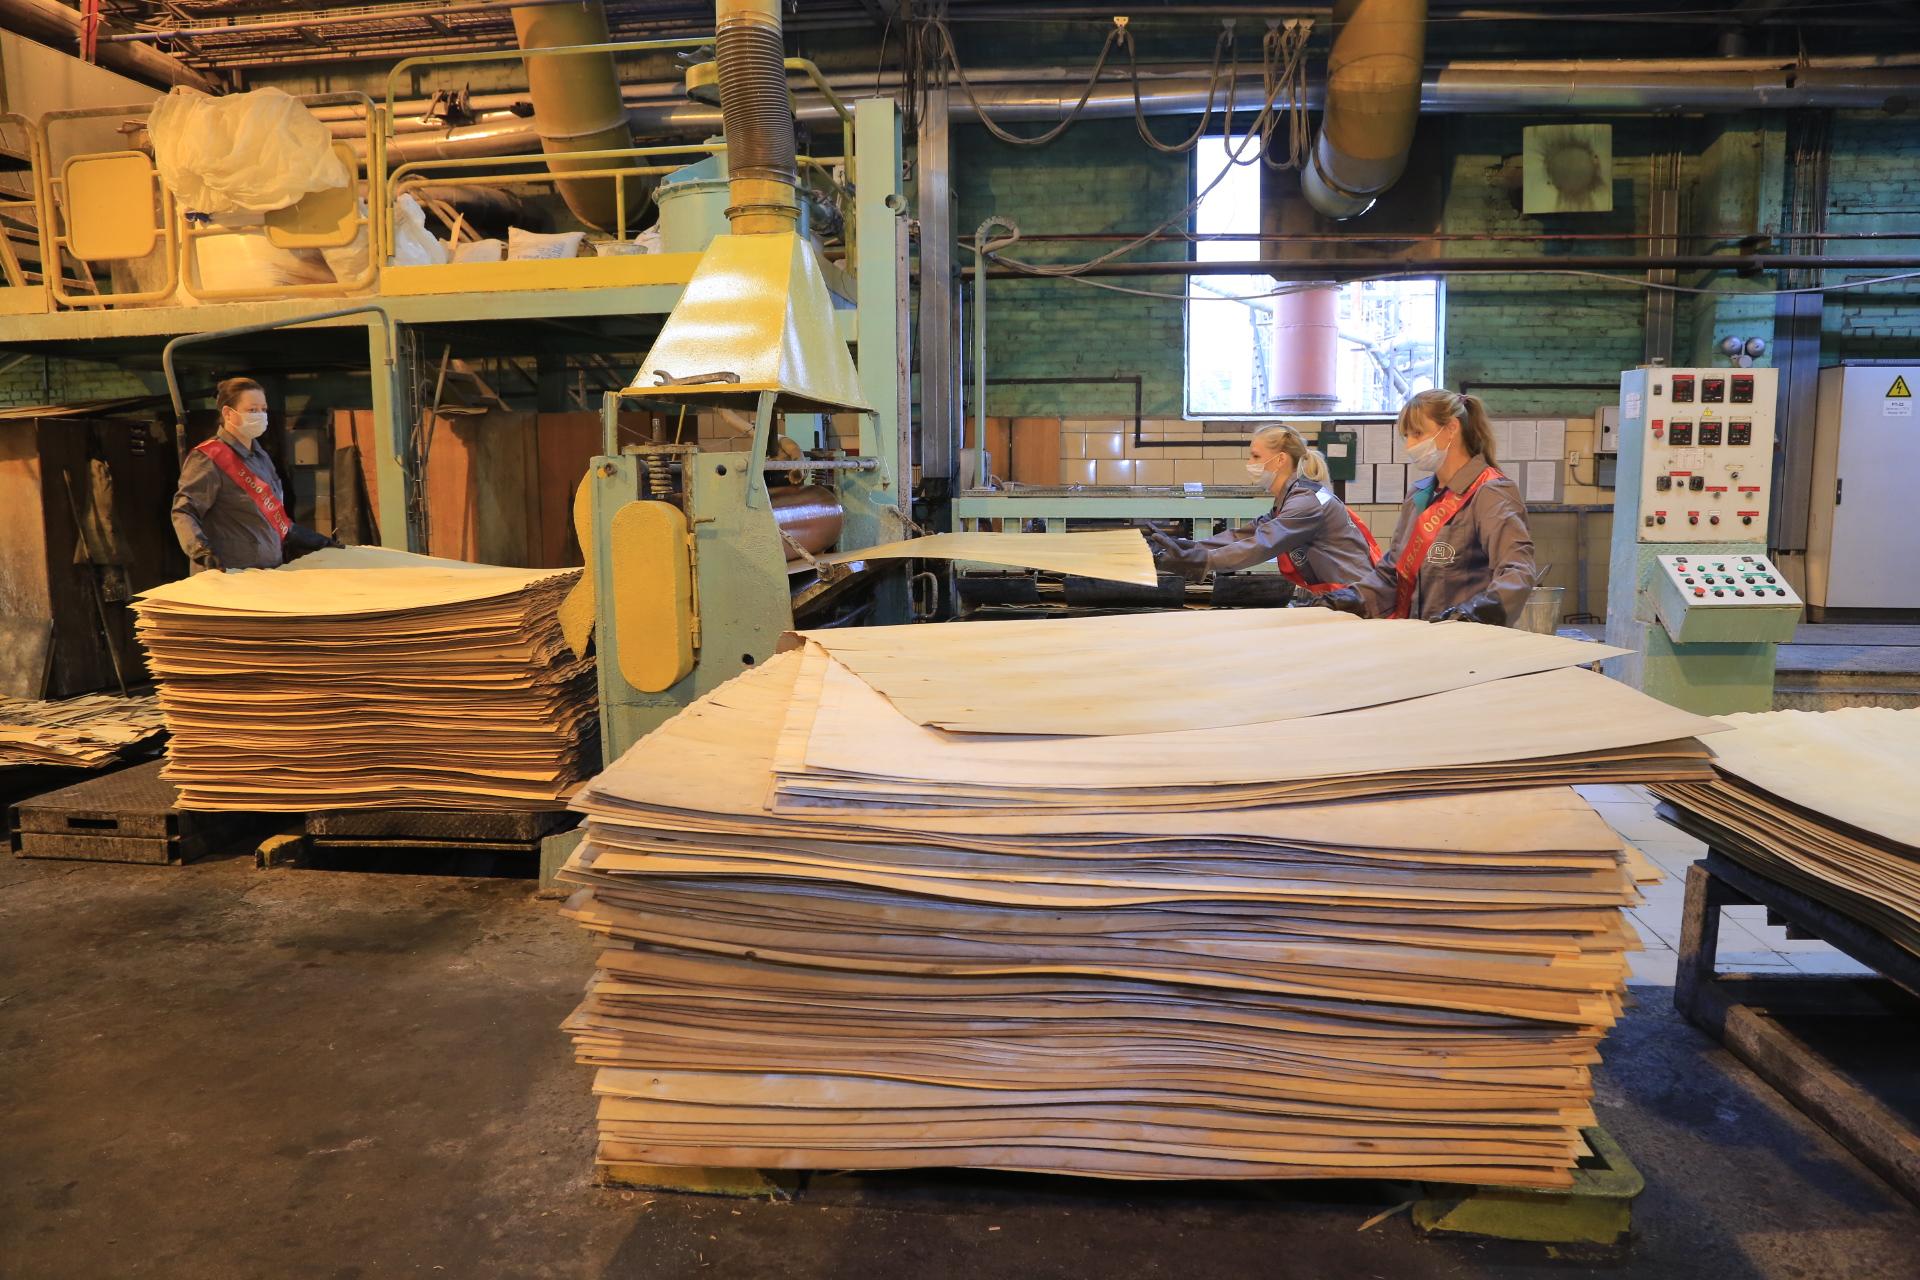 Выпуск юбилейного кубометра продукции - повод для гордости работников комбината.